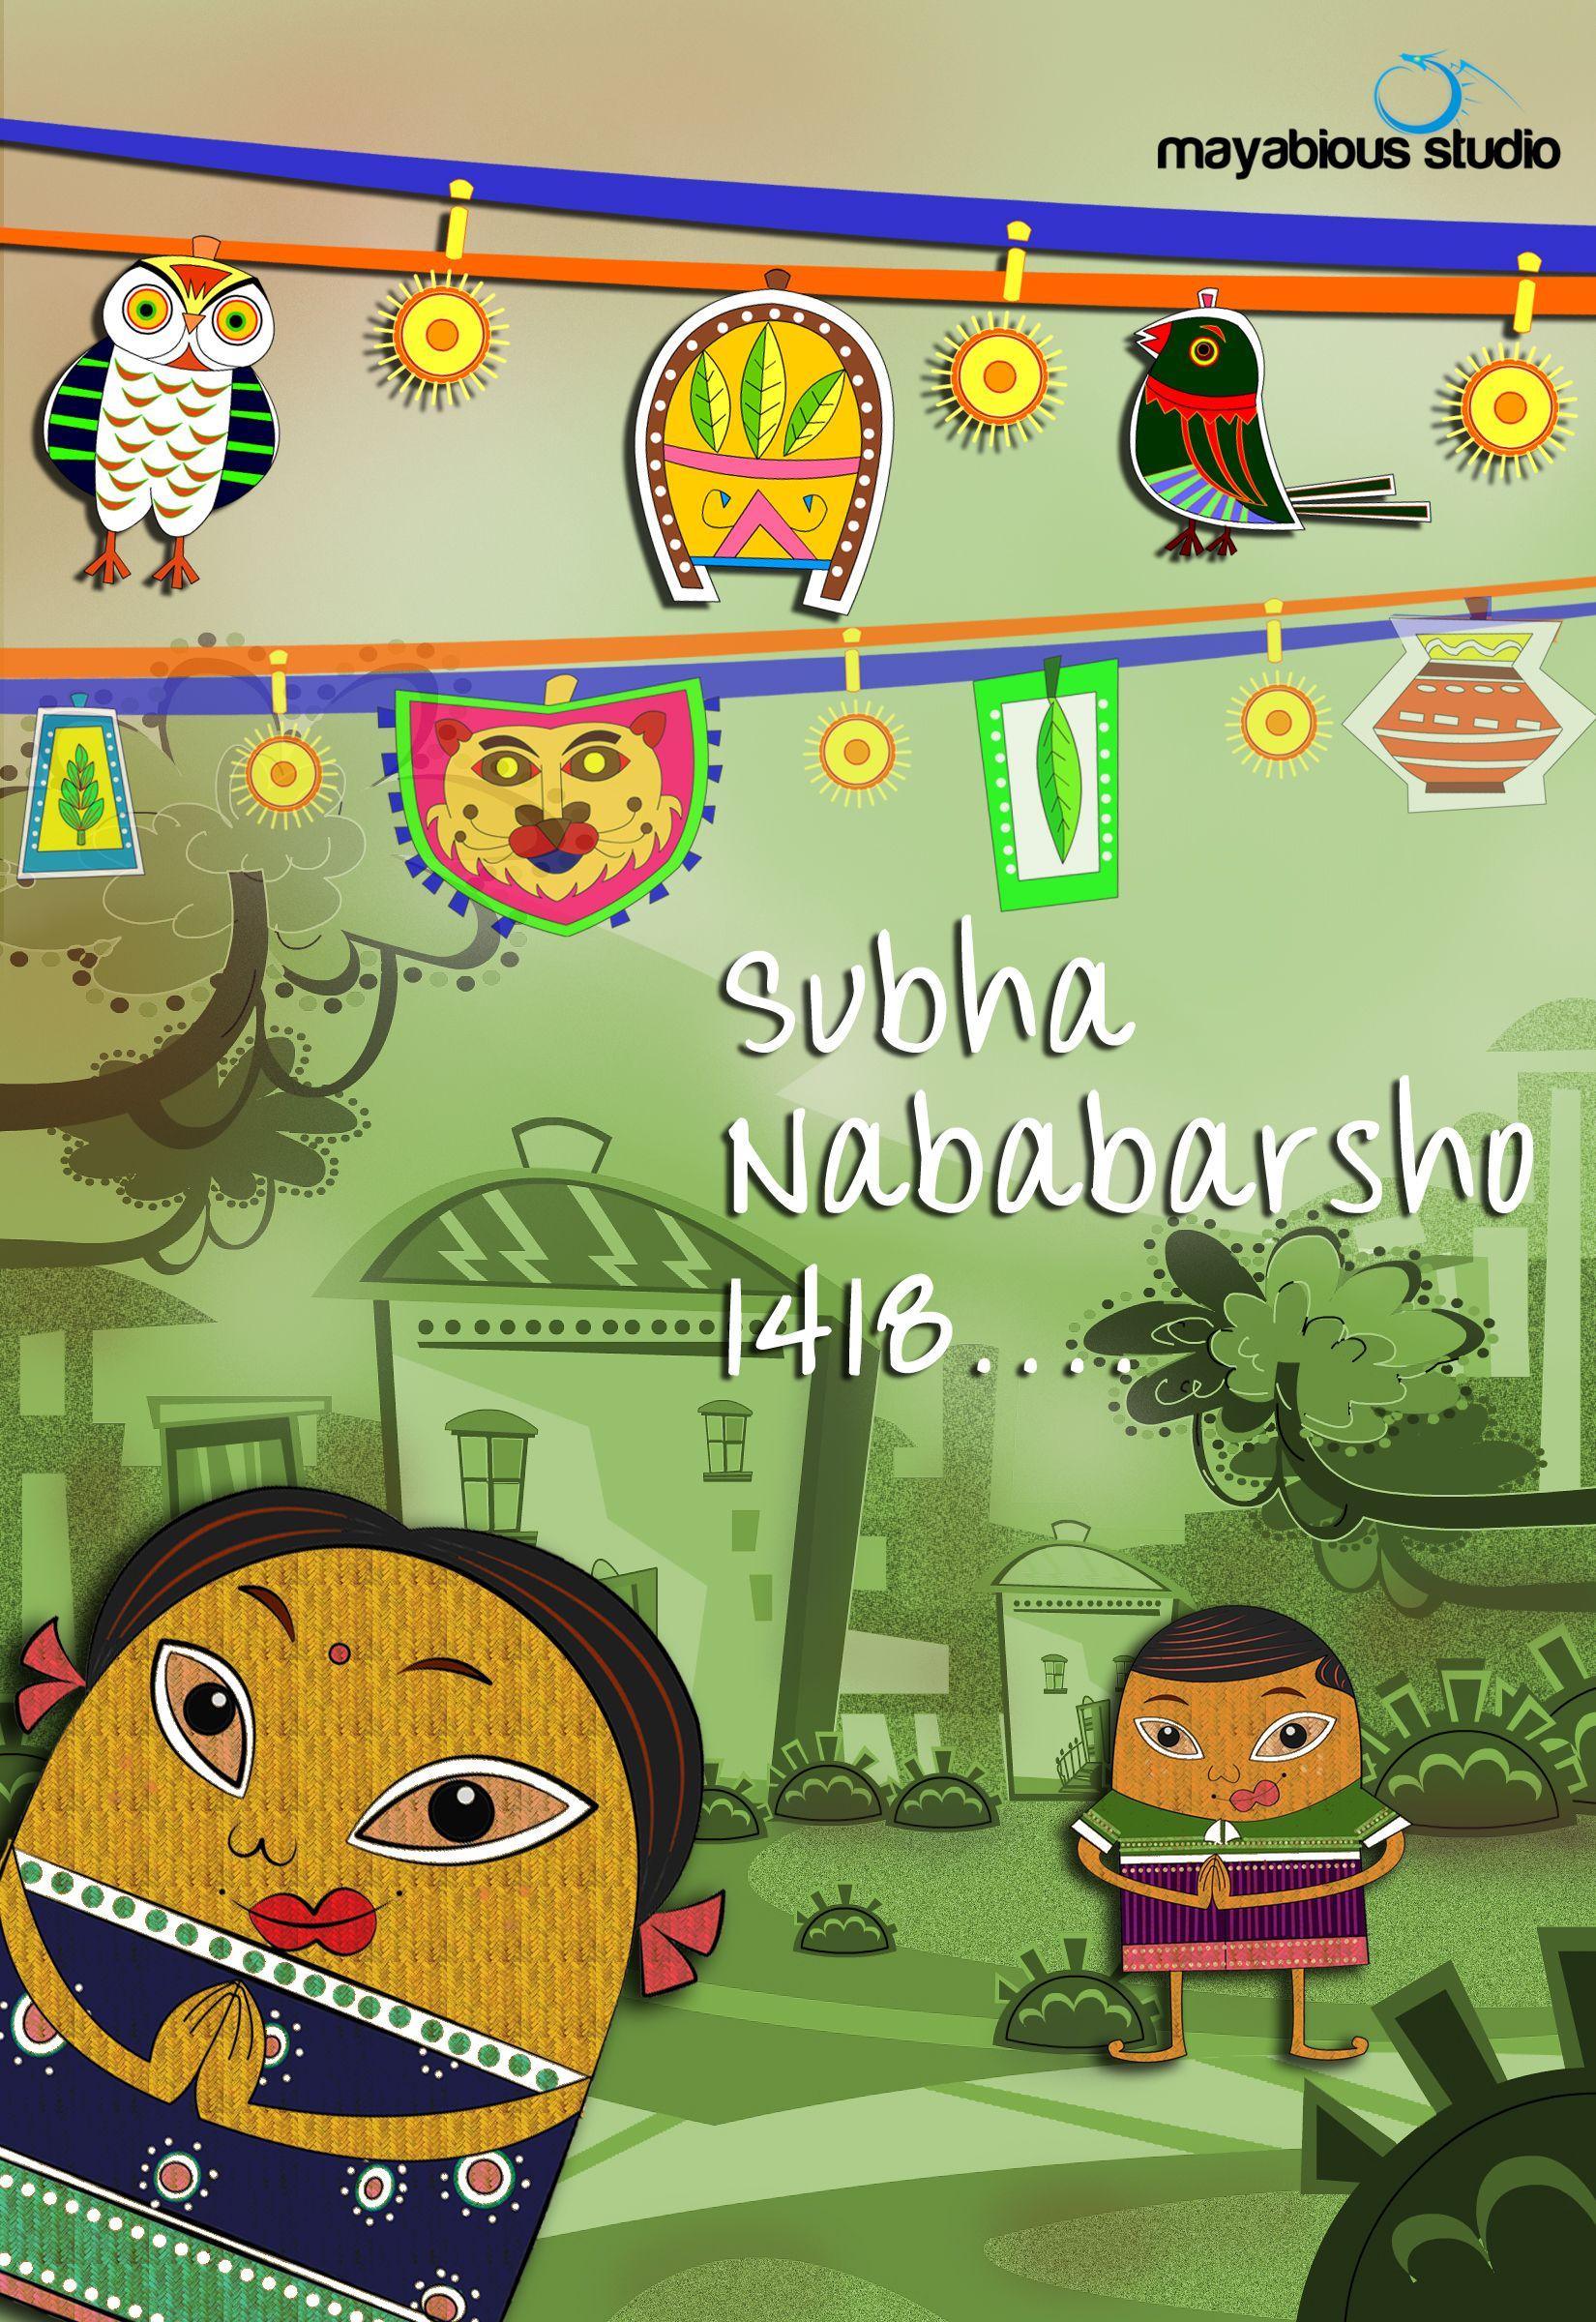 Bengali New Year Greetings : (Mayabious Studio)